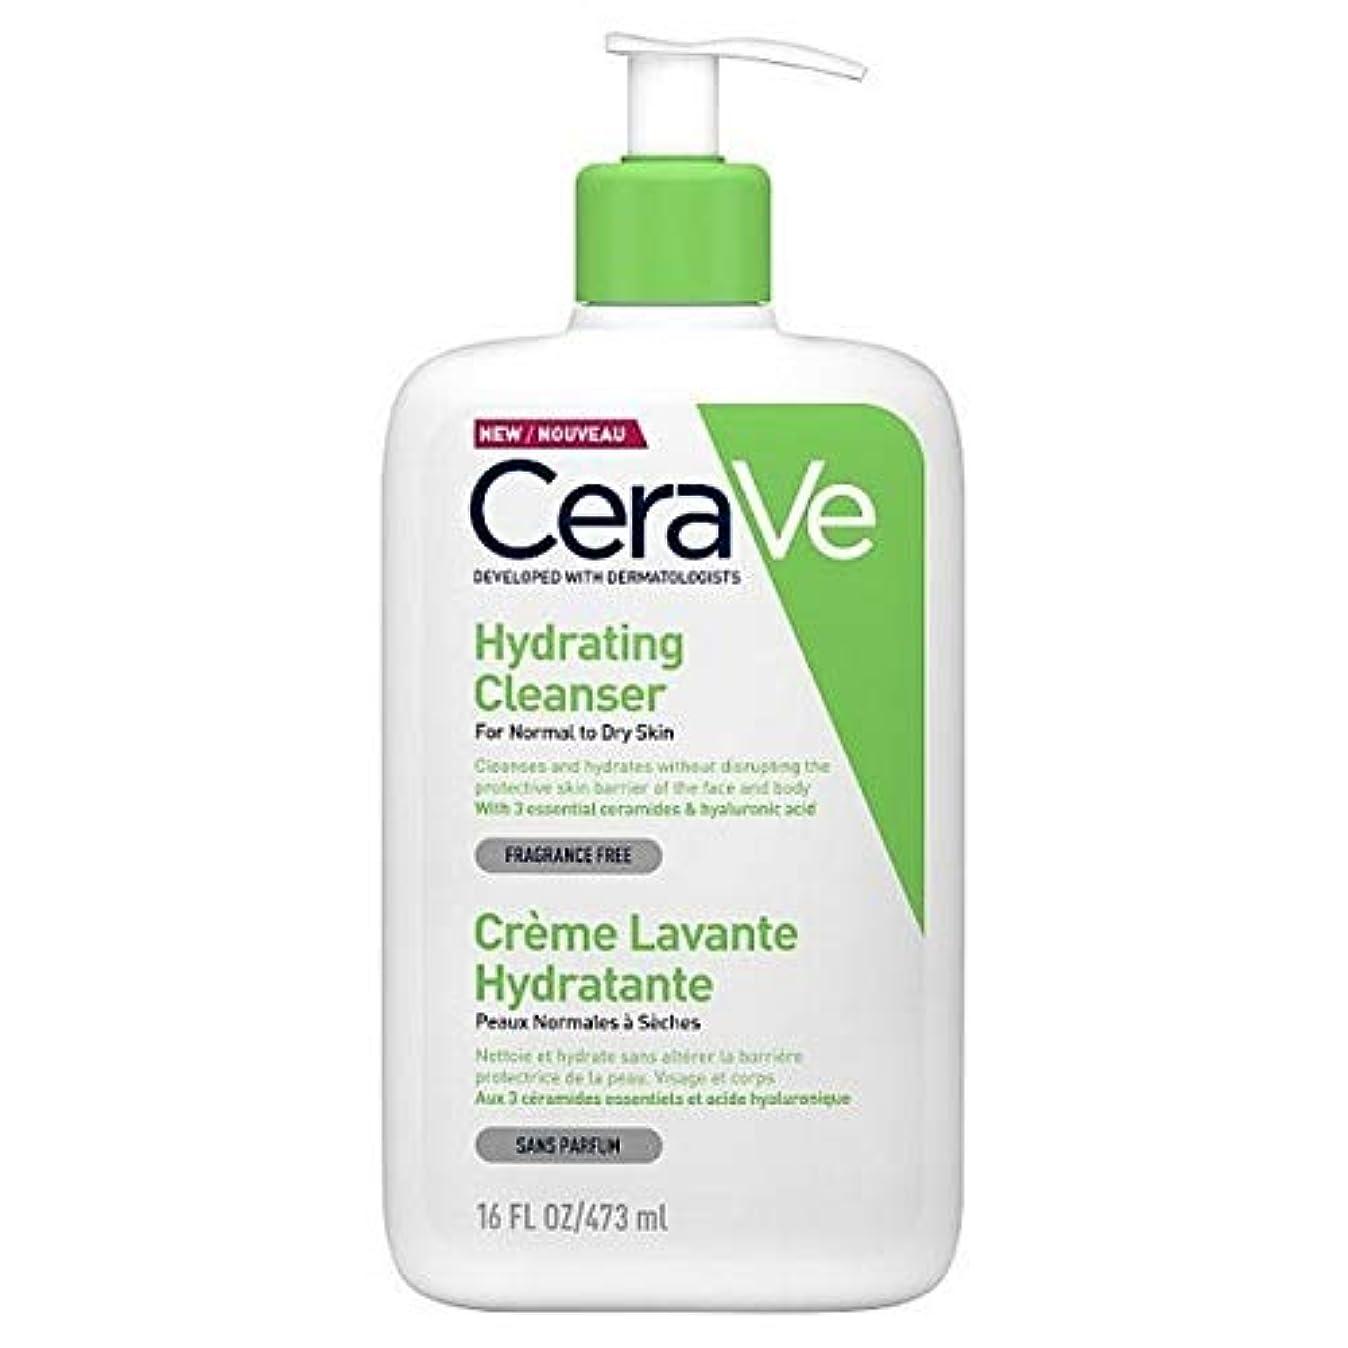 レイアウトオーディション必需品[CeraVe] Cerave水和クレンザー473ミリリットル - CeraVe Hydrating Cleanser 473ml [並行輸入品]